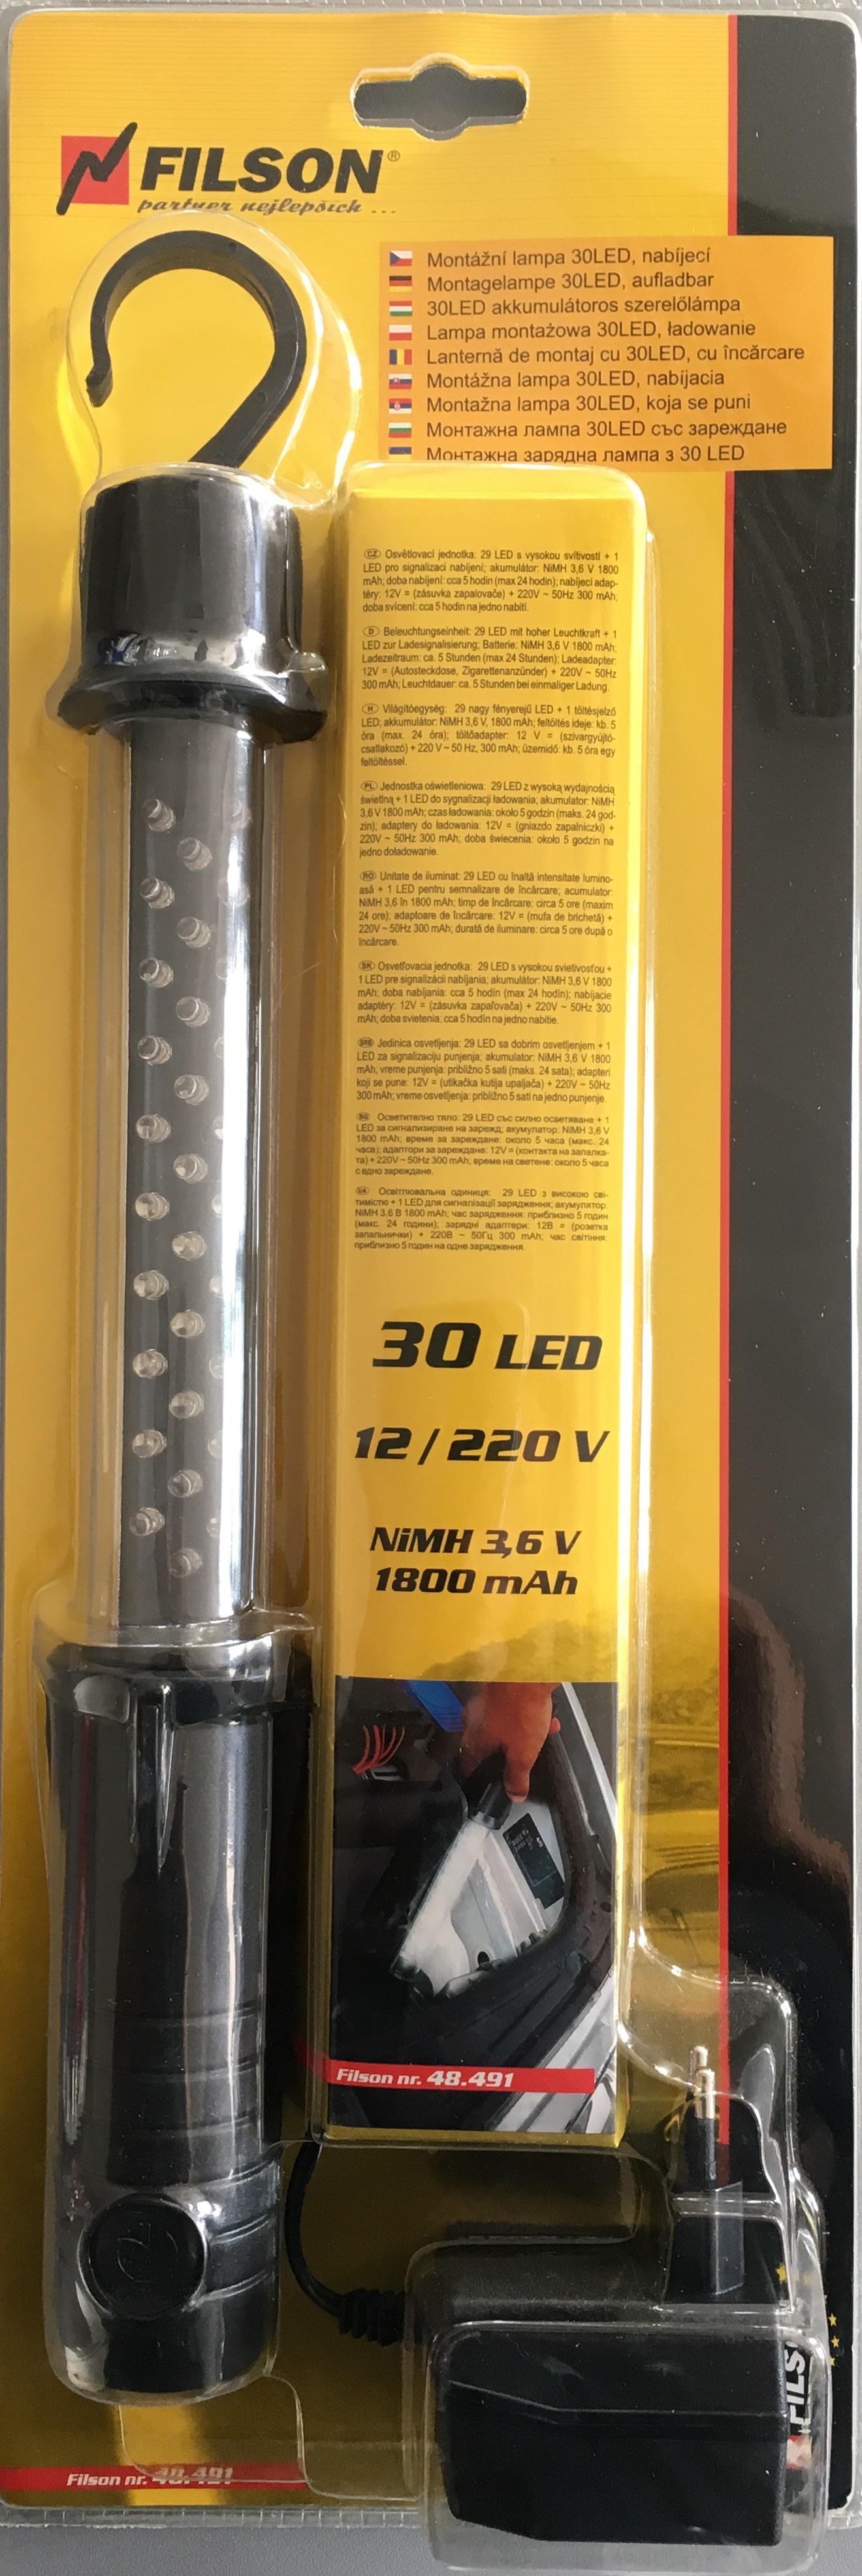 Lampa montážní 30 LED 12/220V dobíjecí 48.491